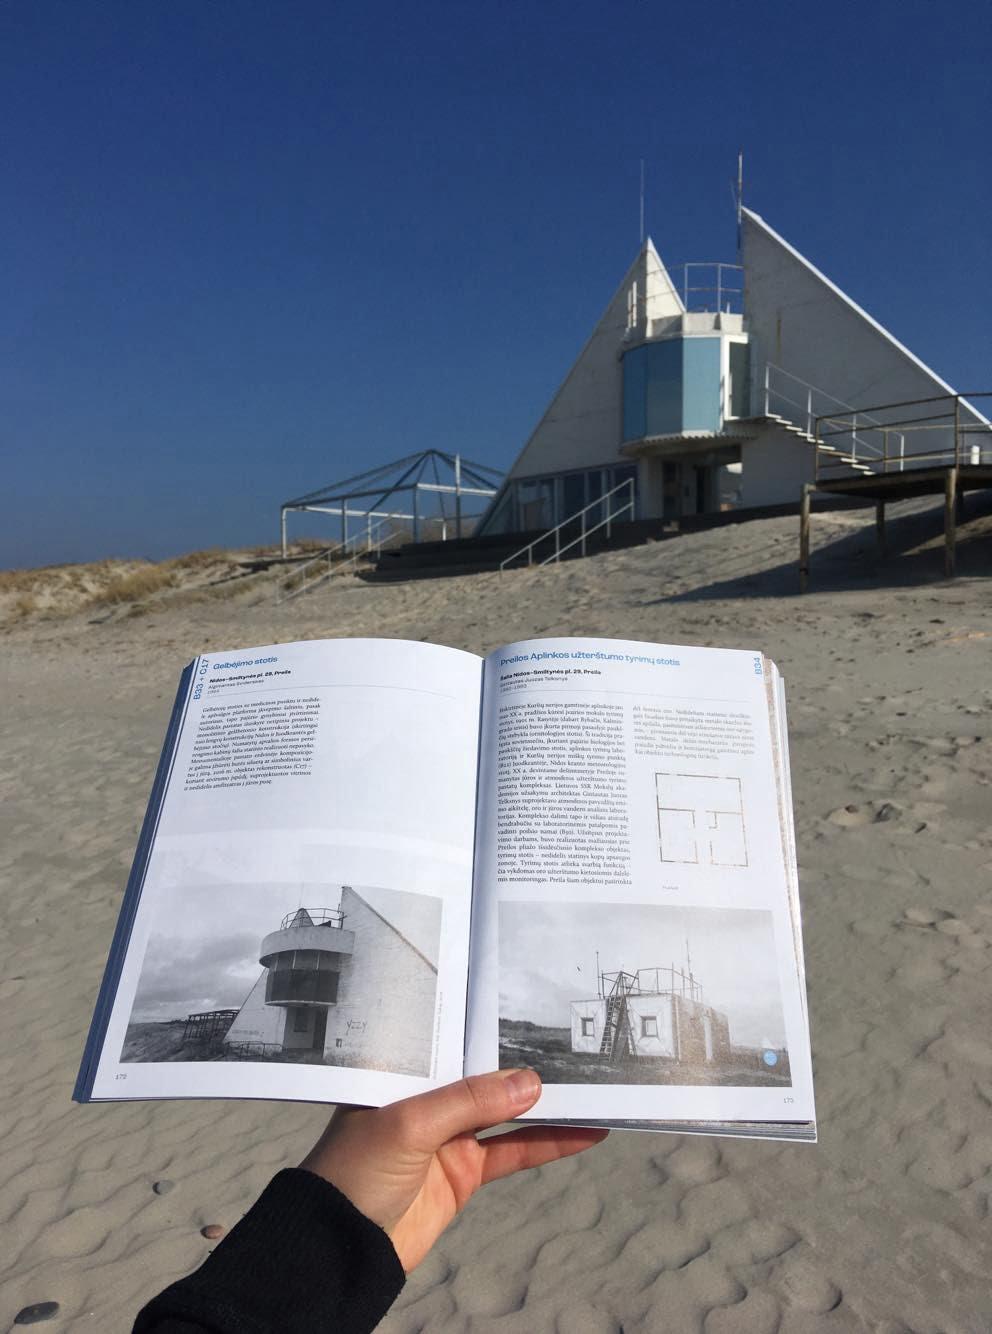 Preilos gelbėjimo stotis ir Neringos architektūros gidas nuotr. Ana Luisa Monse